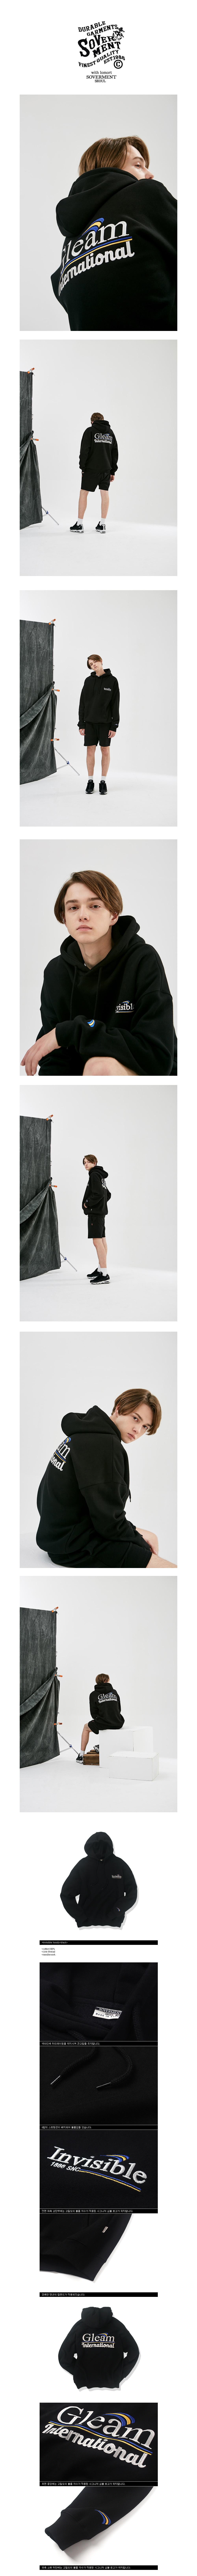 소버먼트(SOVERMENT) 950g invisible hoody-black-